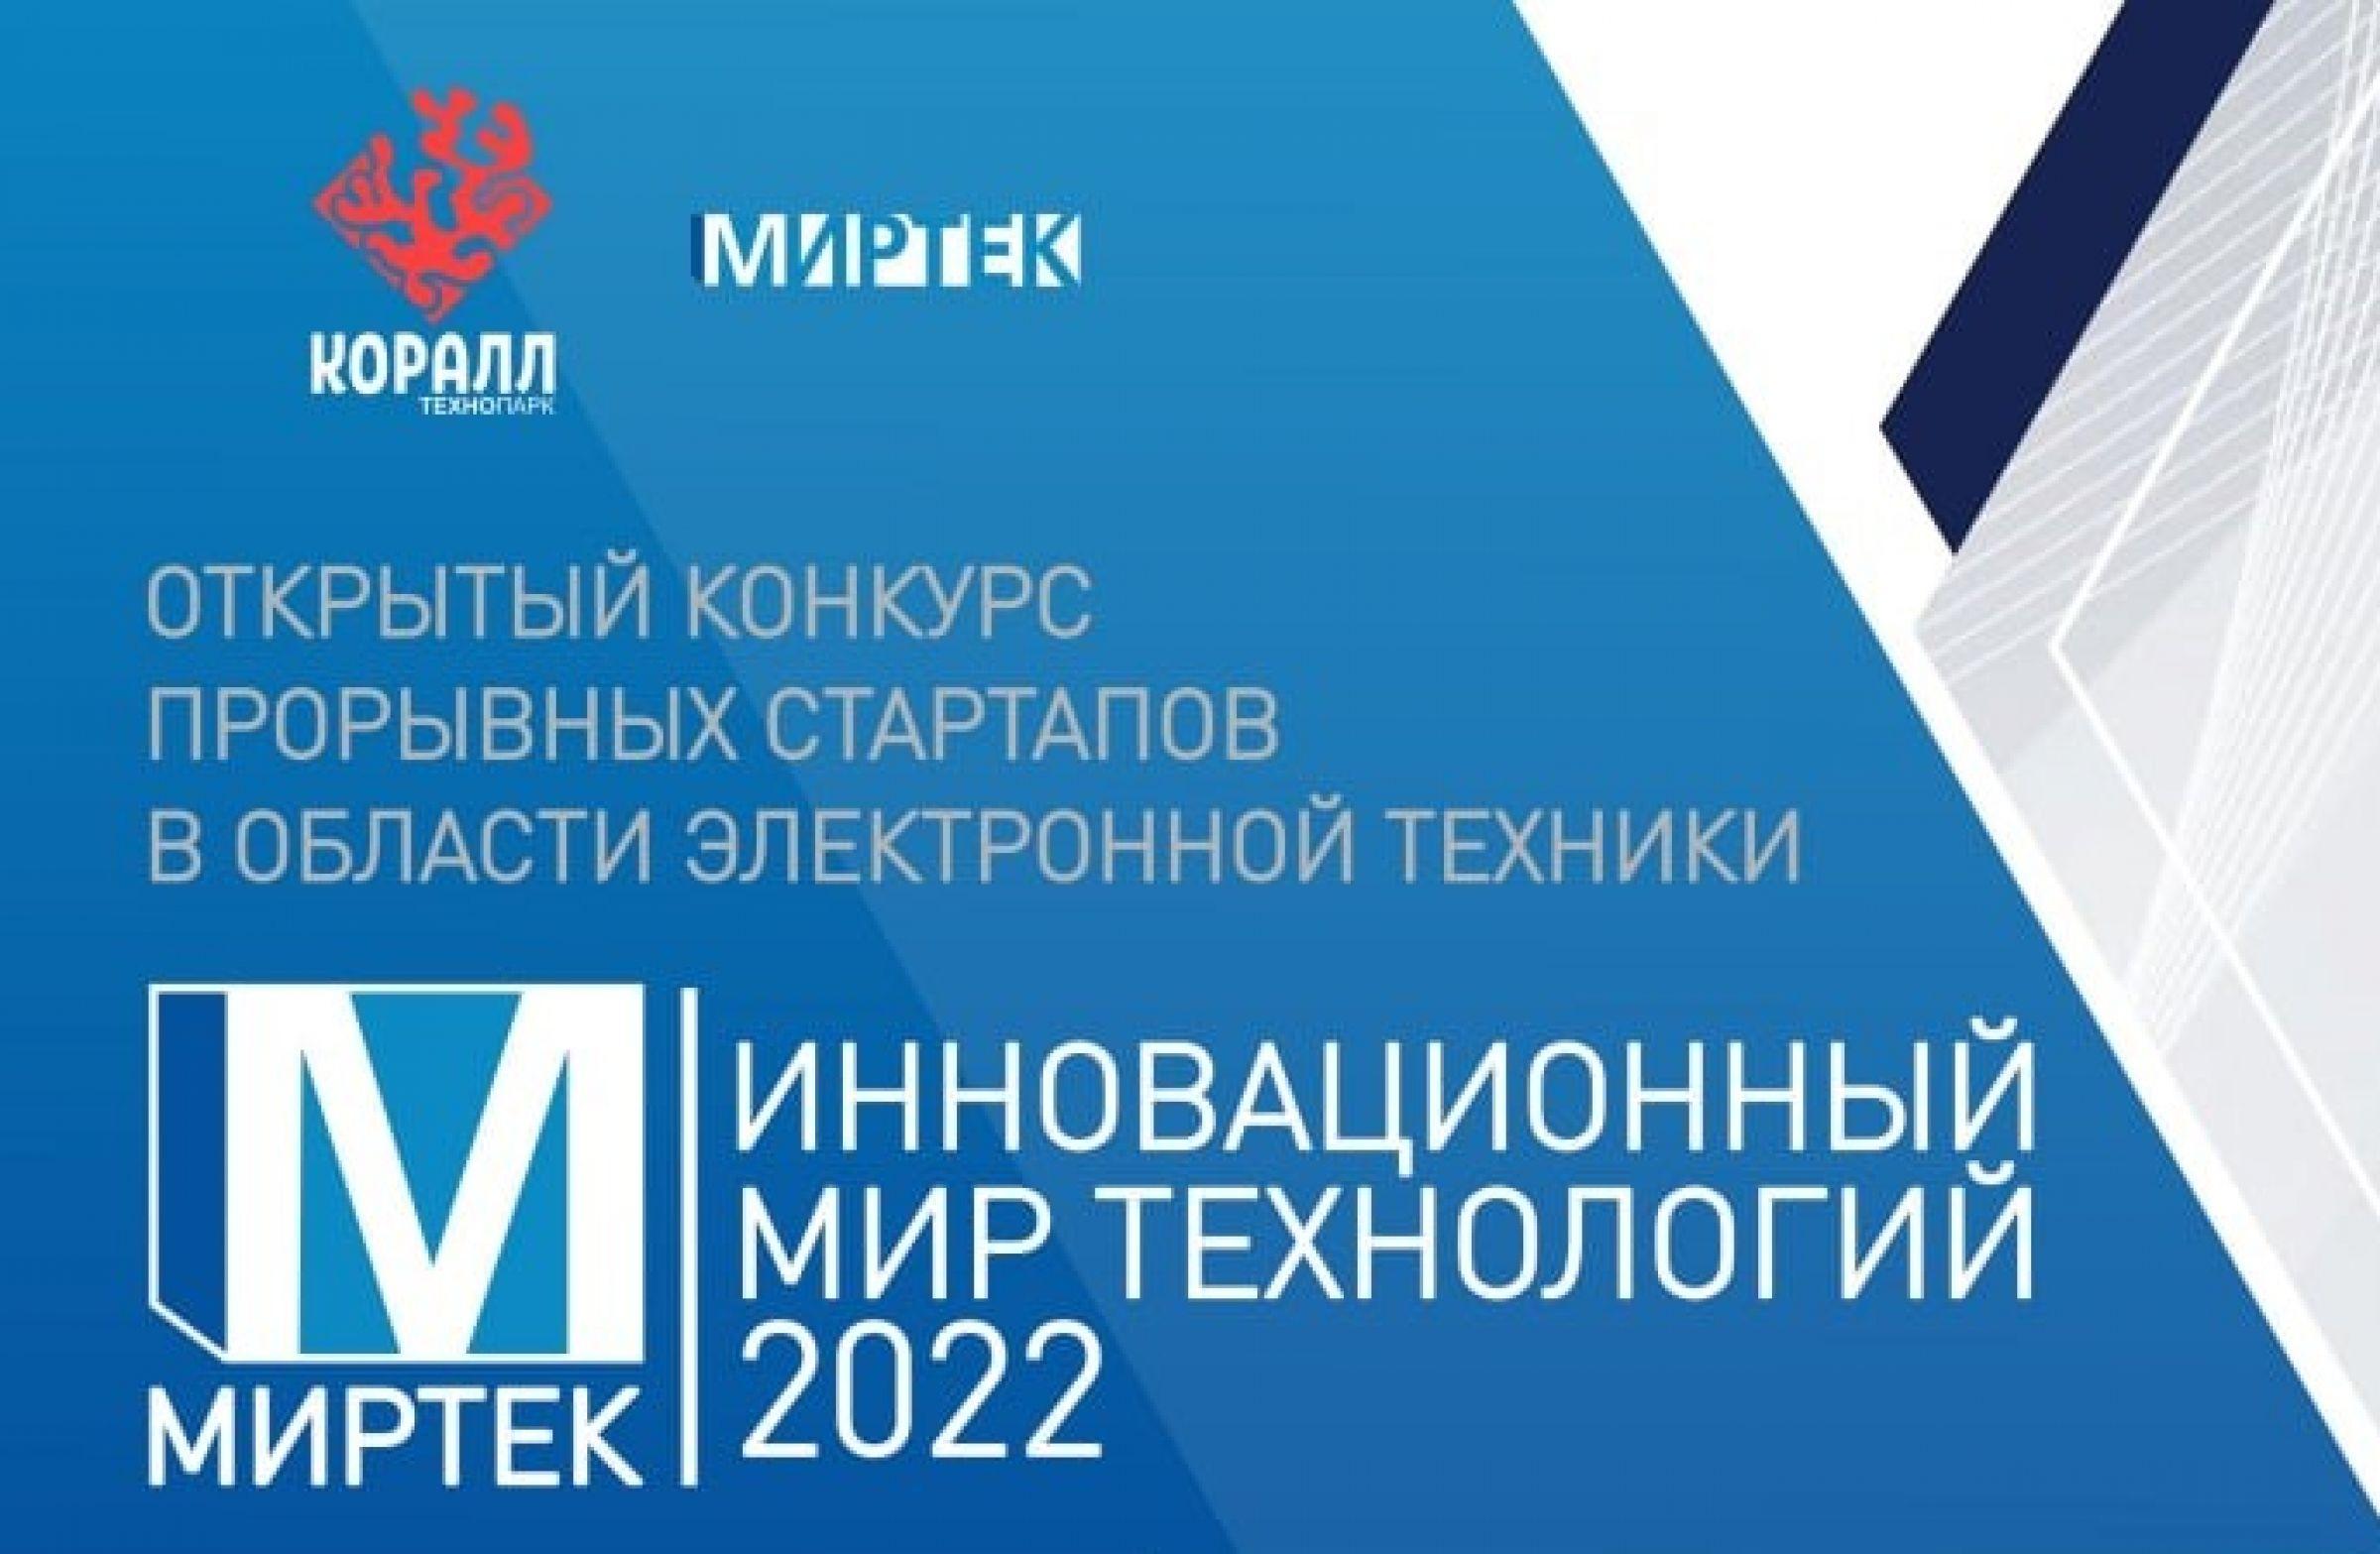 Открыт прием заявок на открытый конкурс прорывных стартапов в области электронной техники «Инновационный мир технологий»